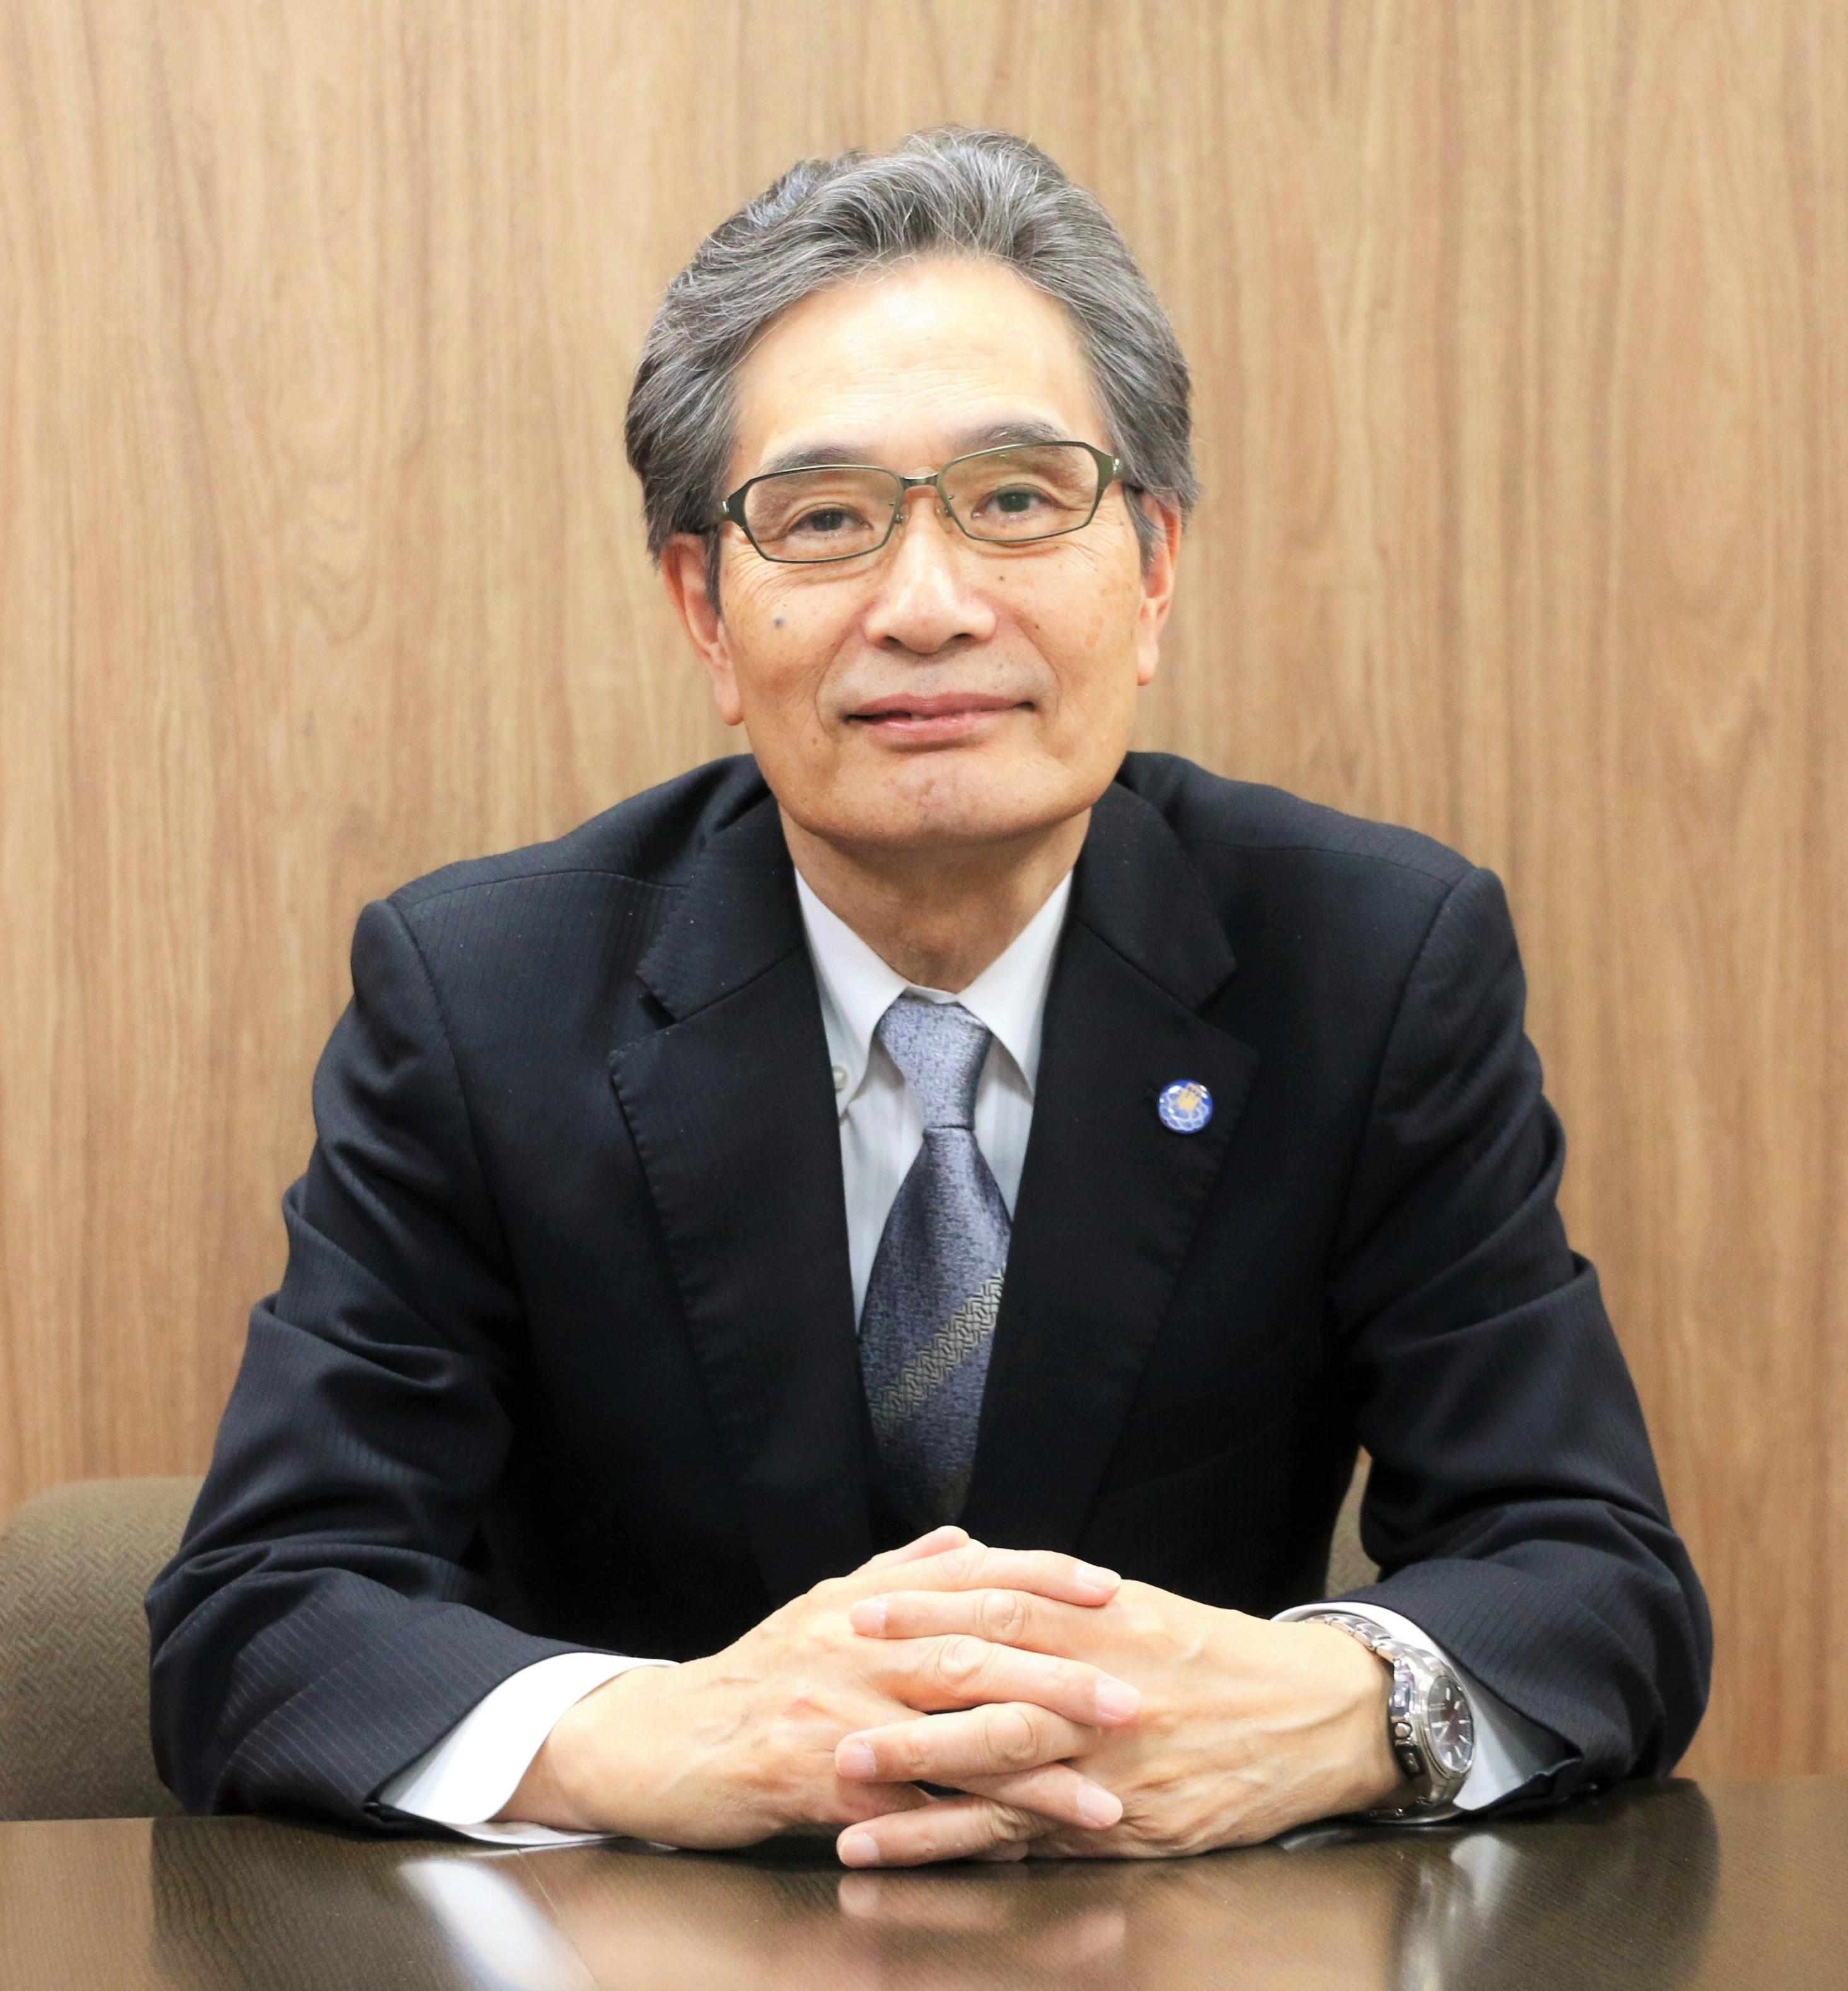 福田眞作学長